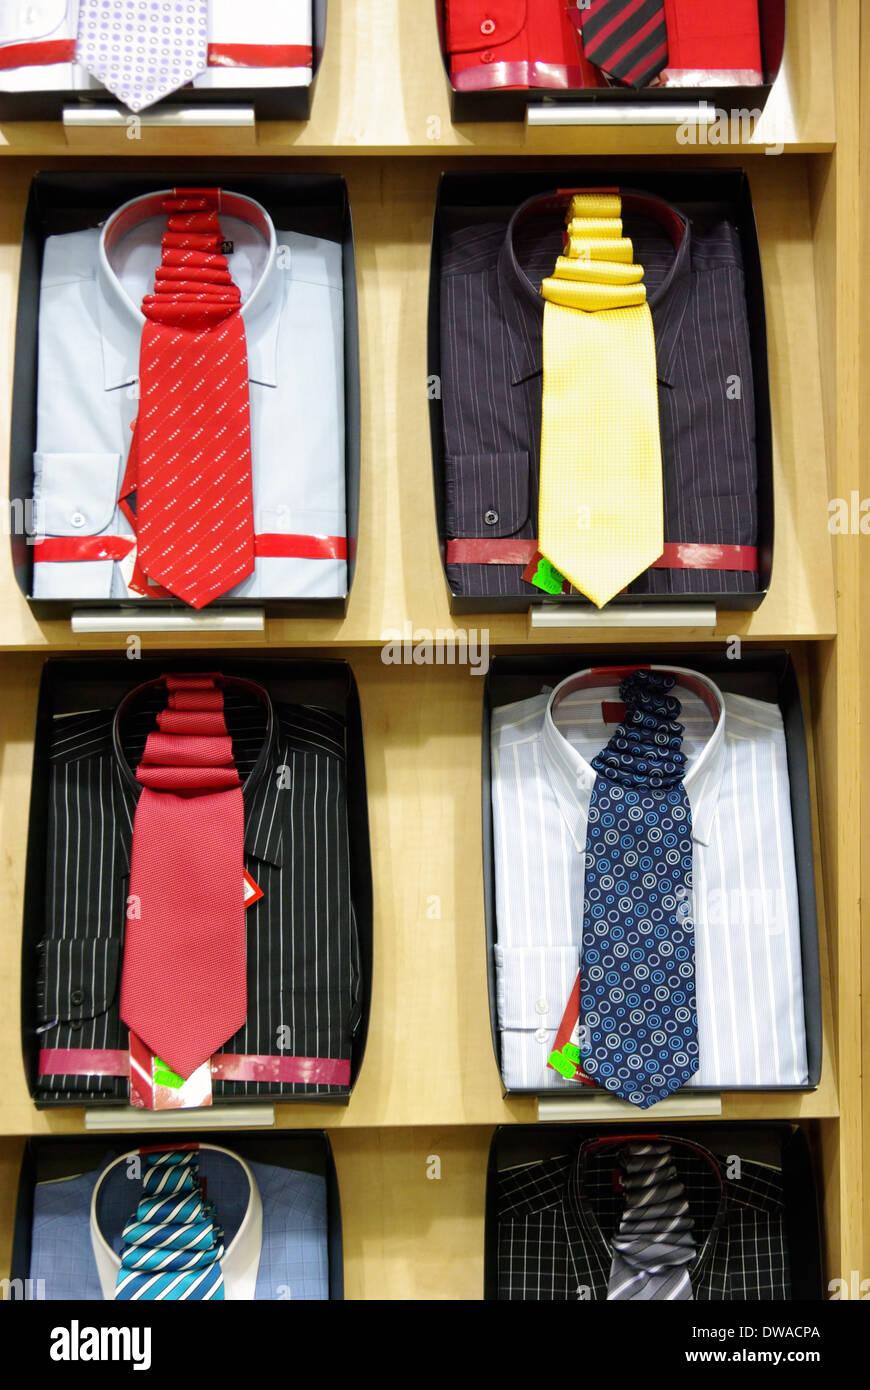 Bunte Hemden mit Krawatte in einem Geschäft. Stockbild